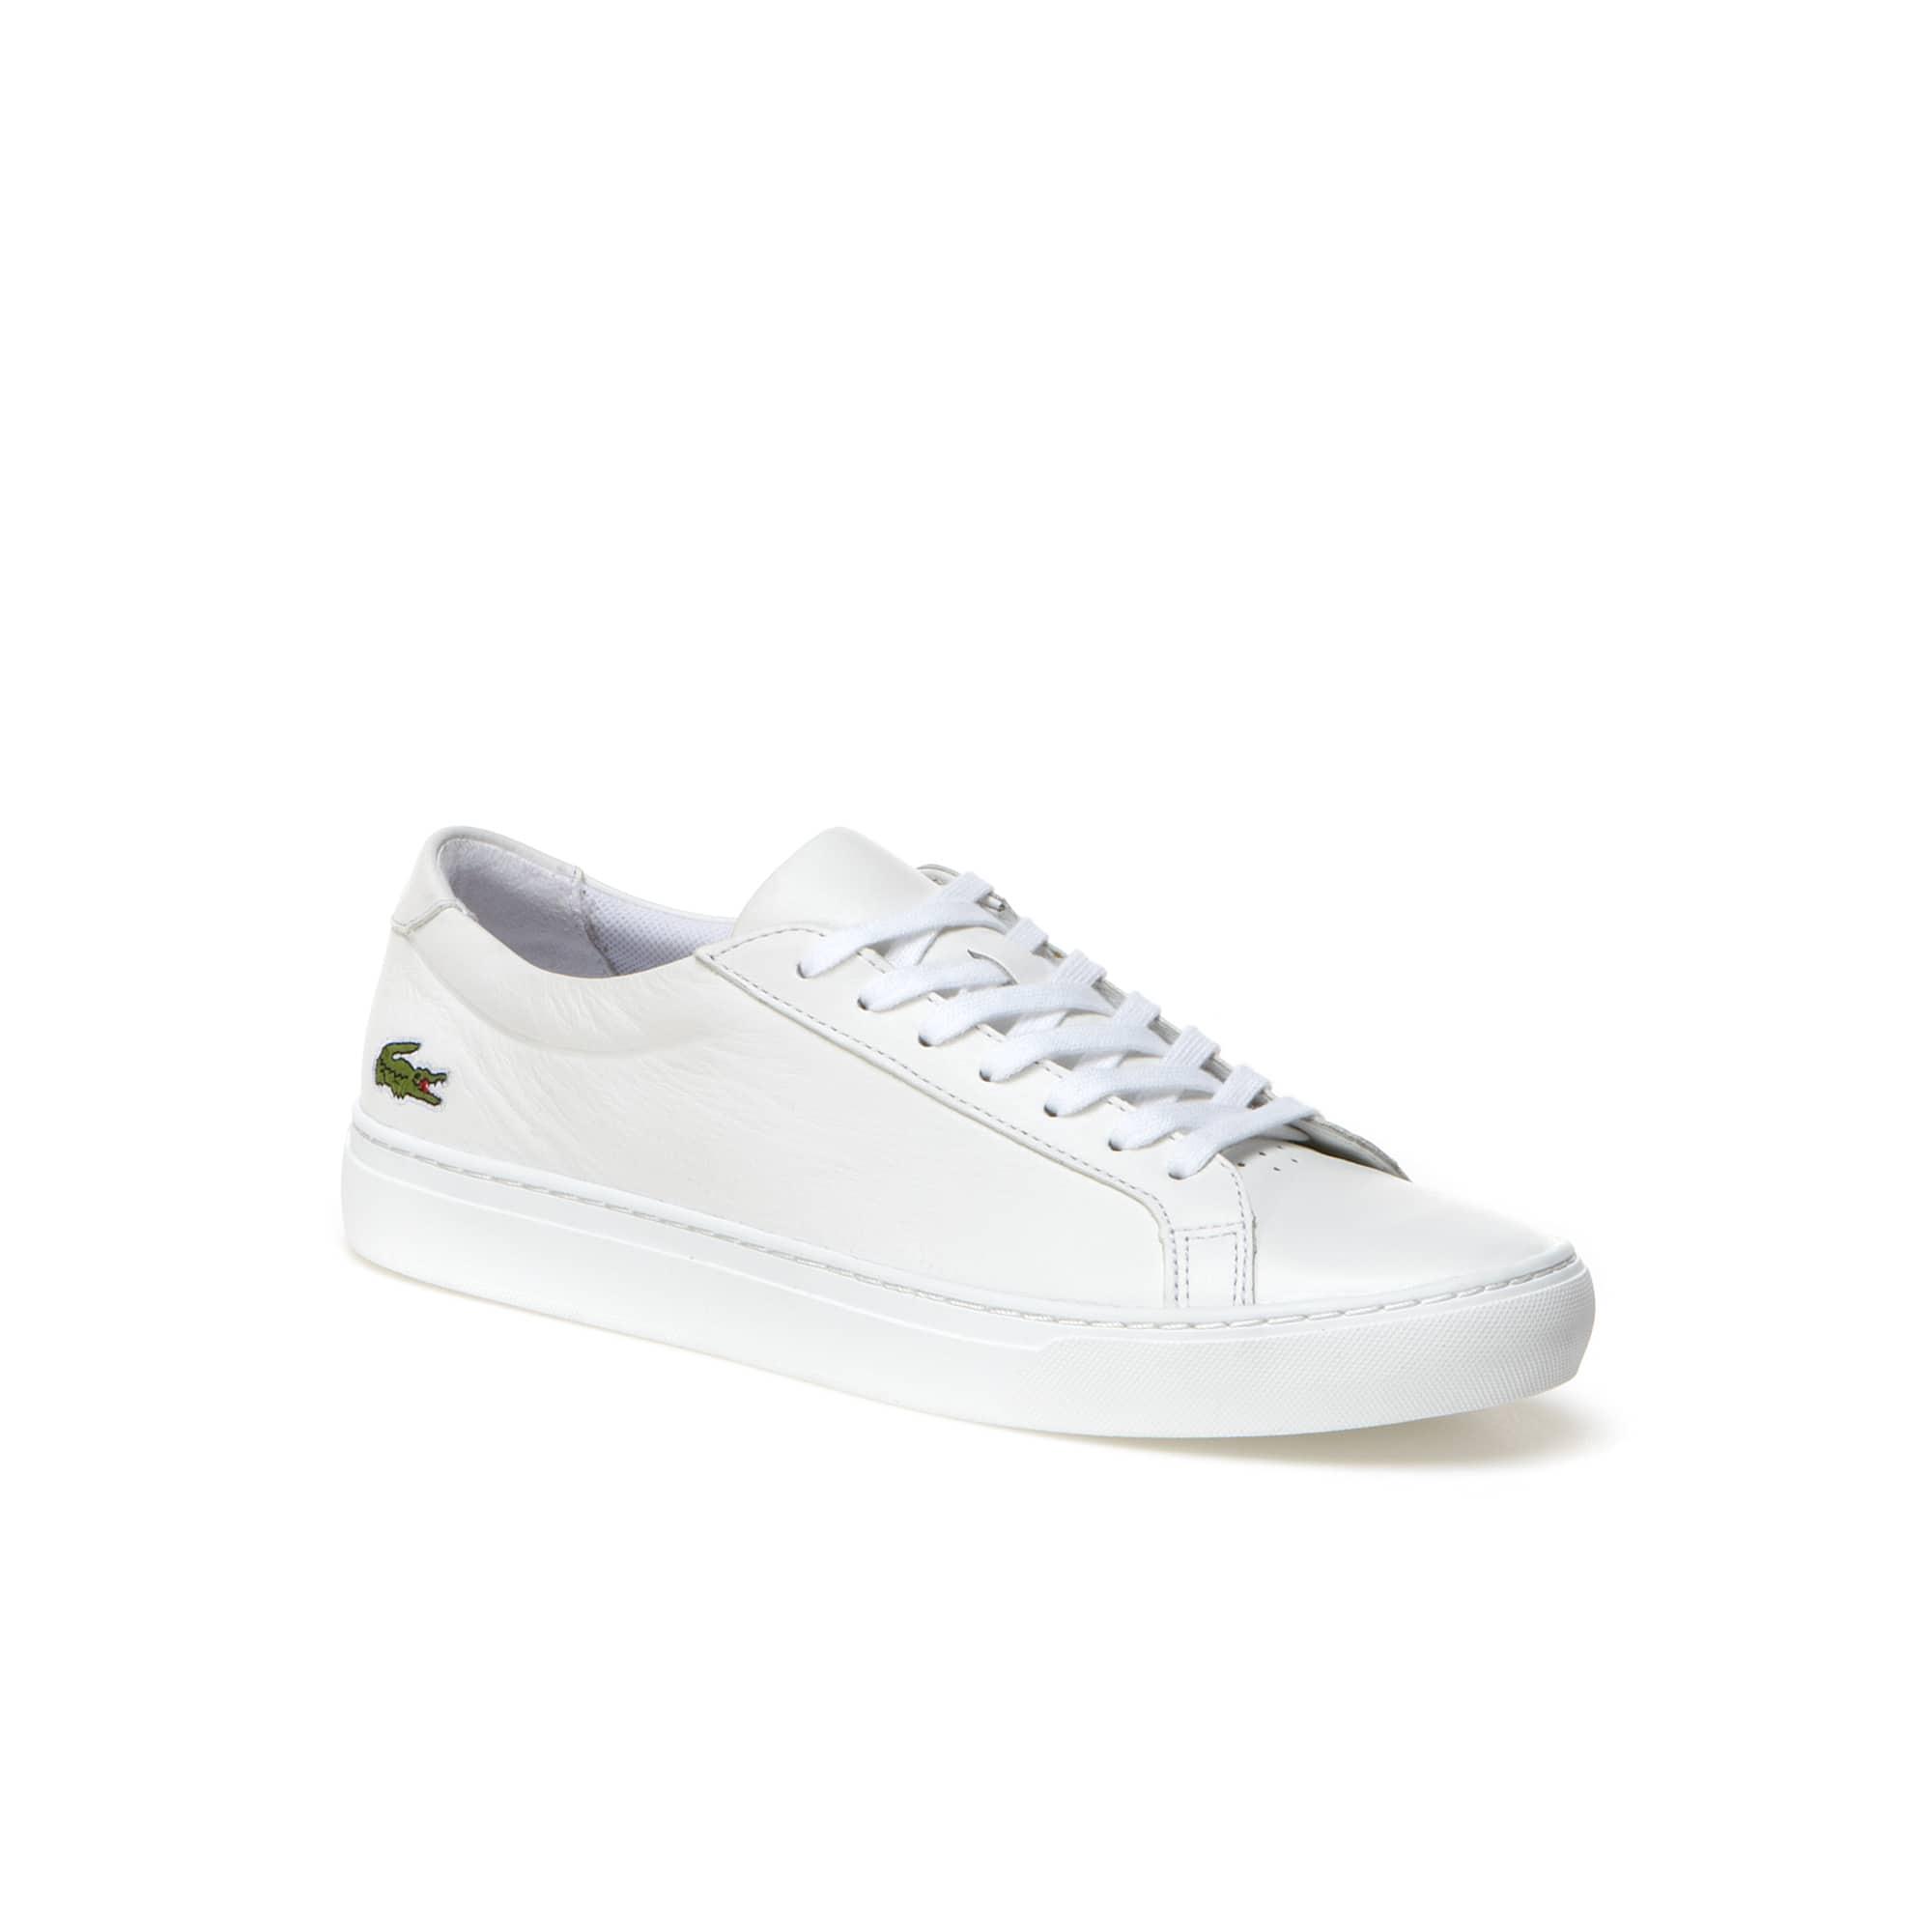 c6c800b152e6d Men s Shoes on Sale